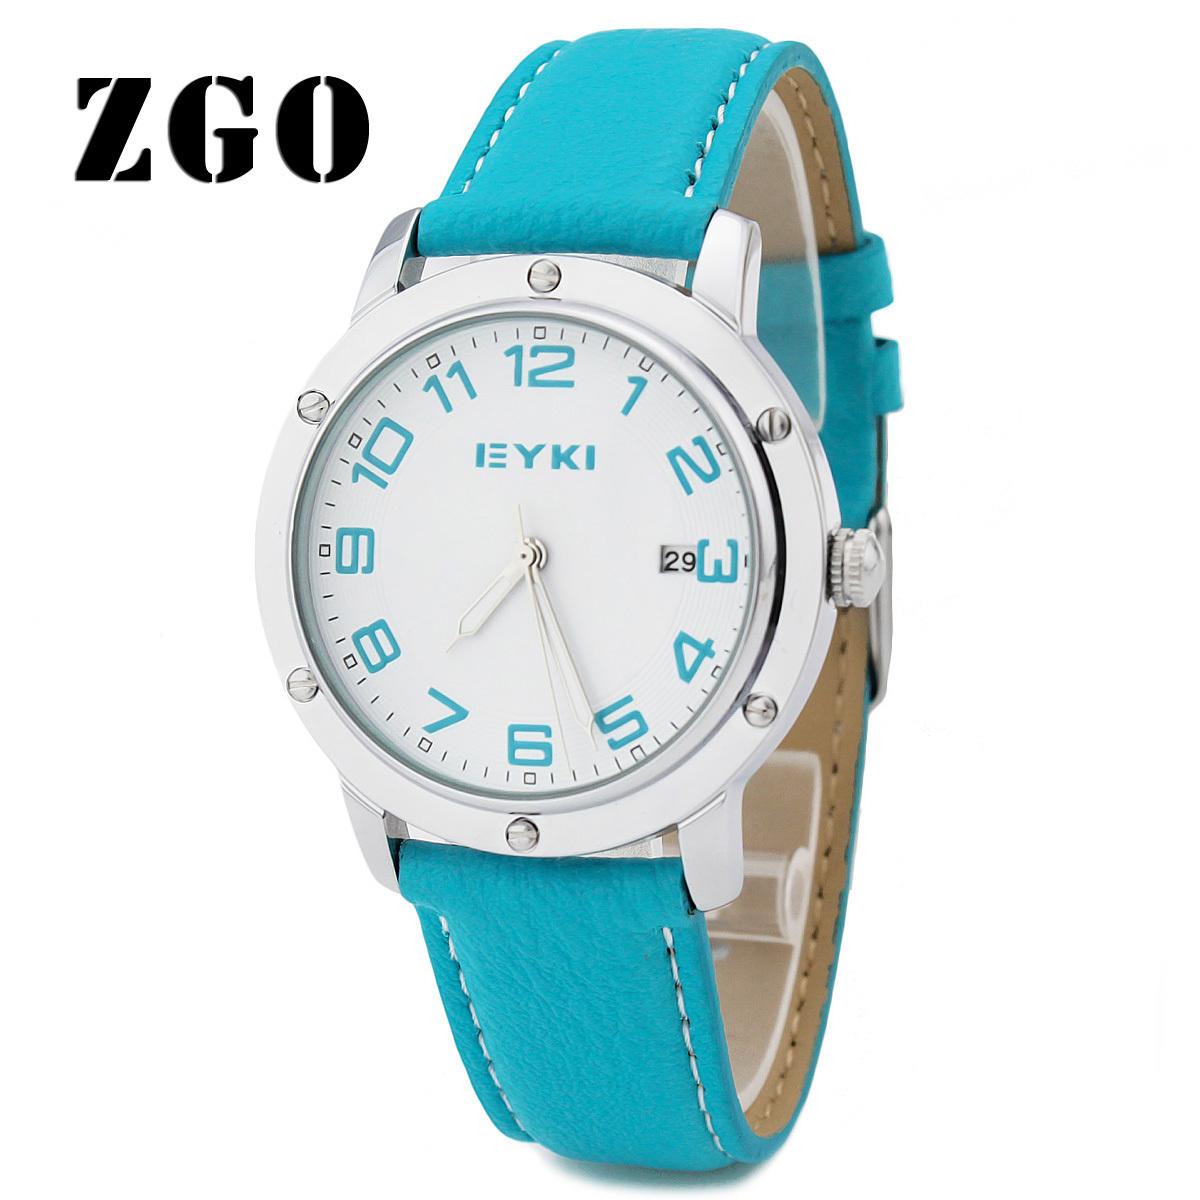 Часы Eyki Кварцевые часы Нейтральная форма Китай 2012